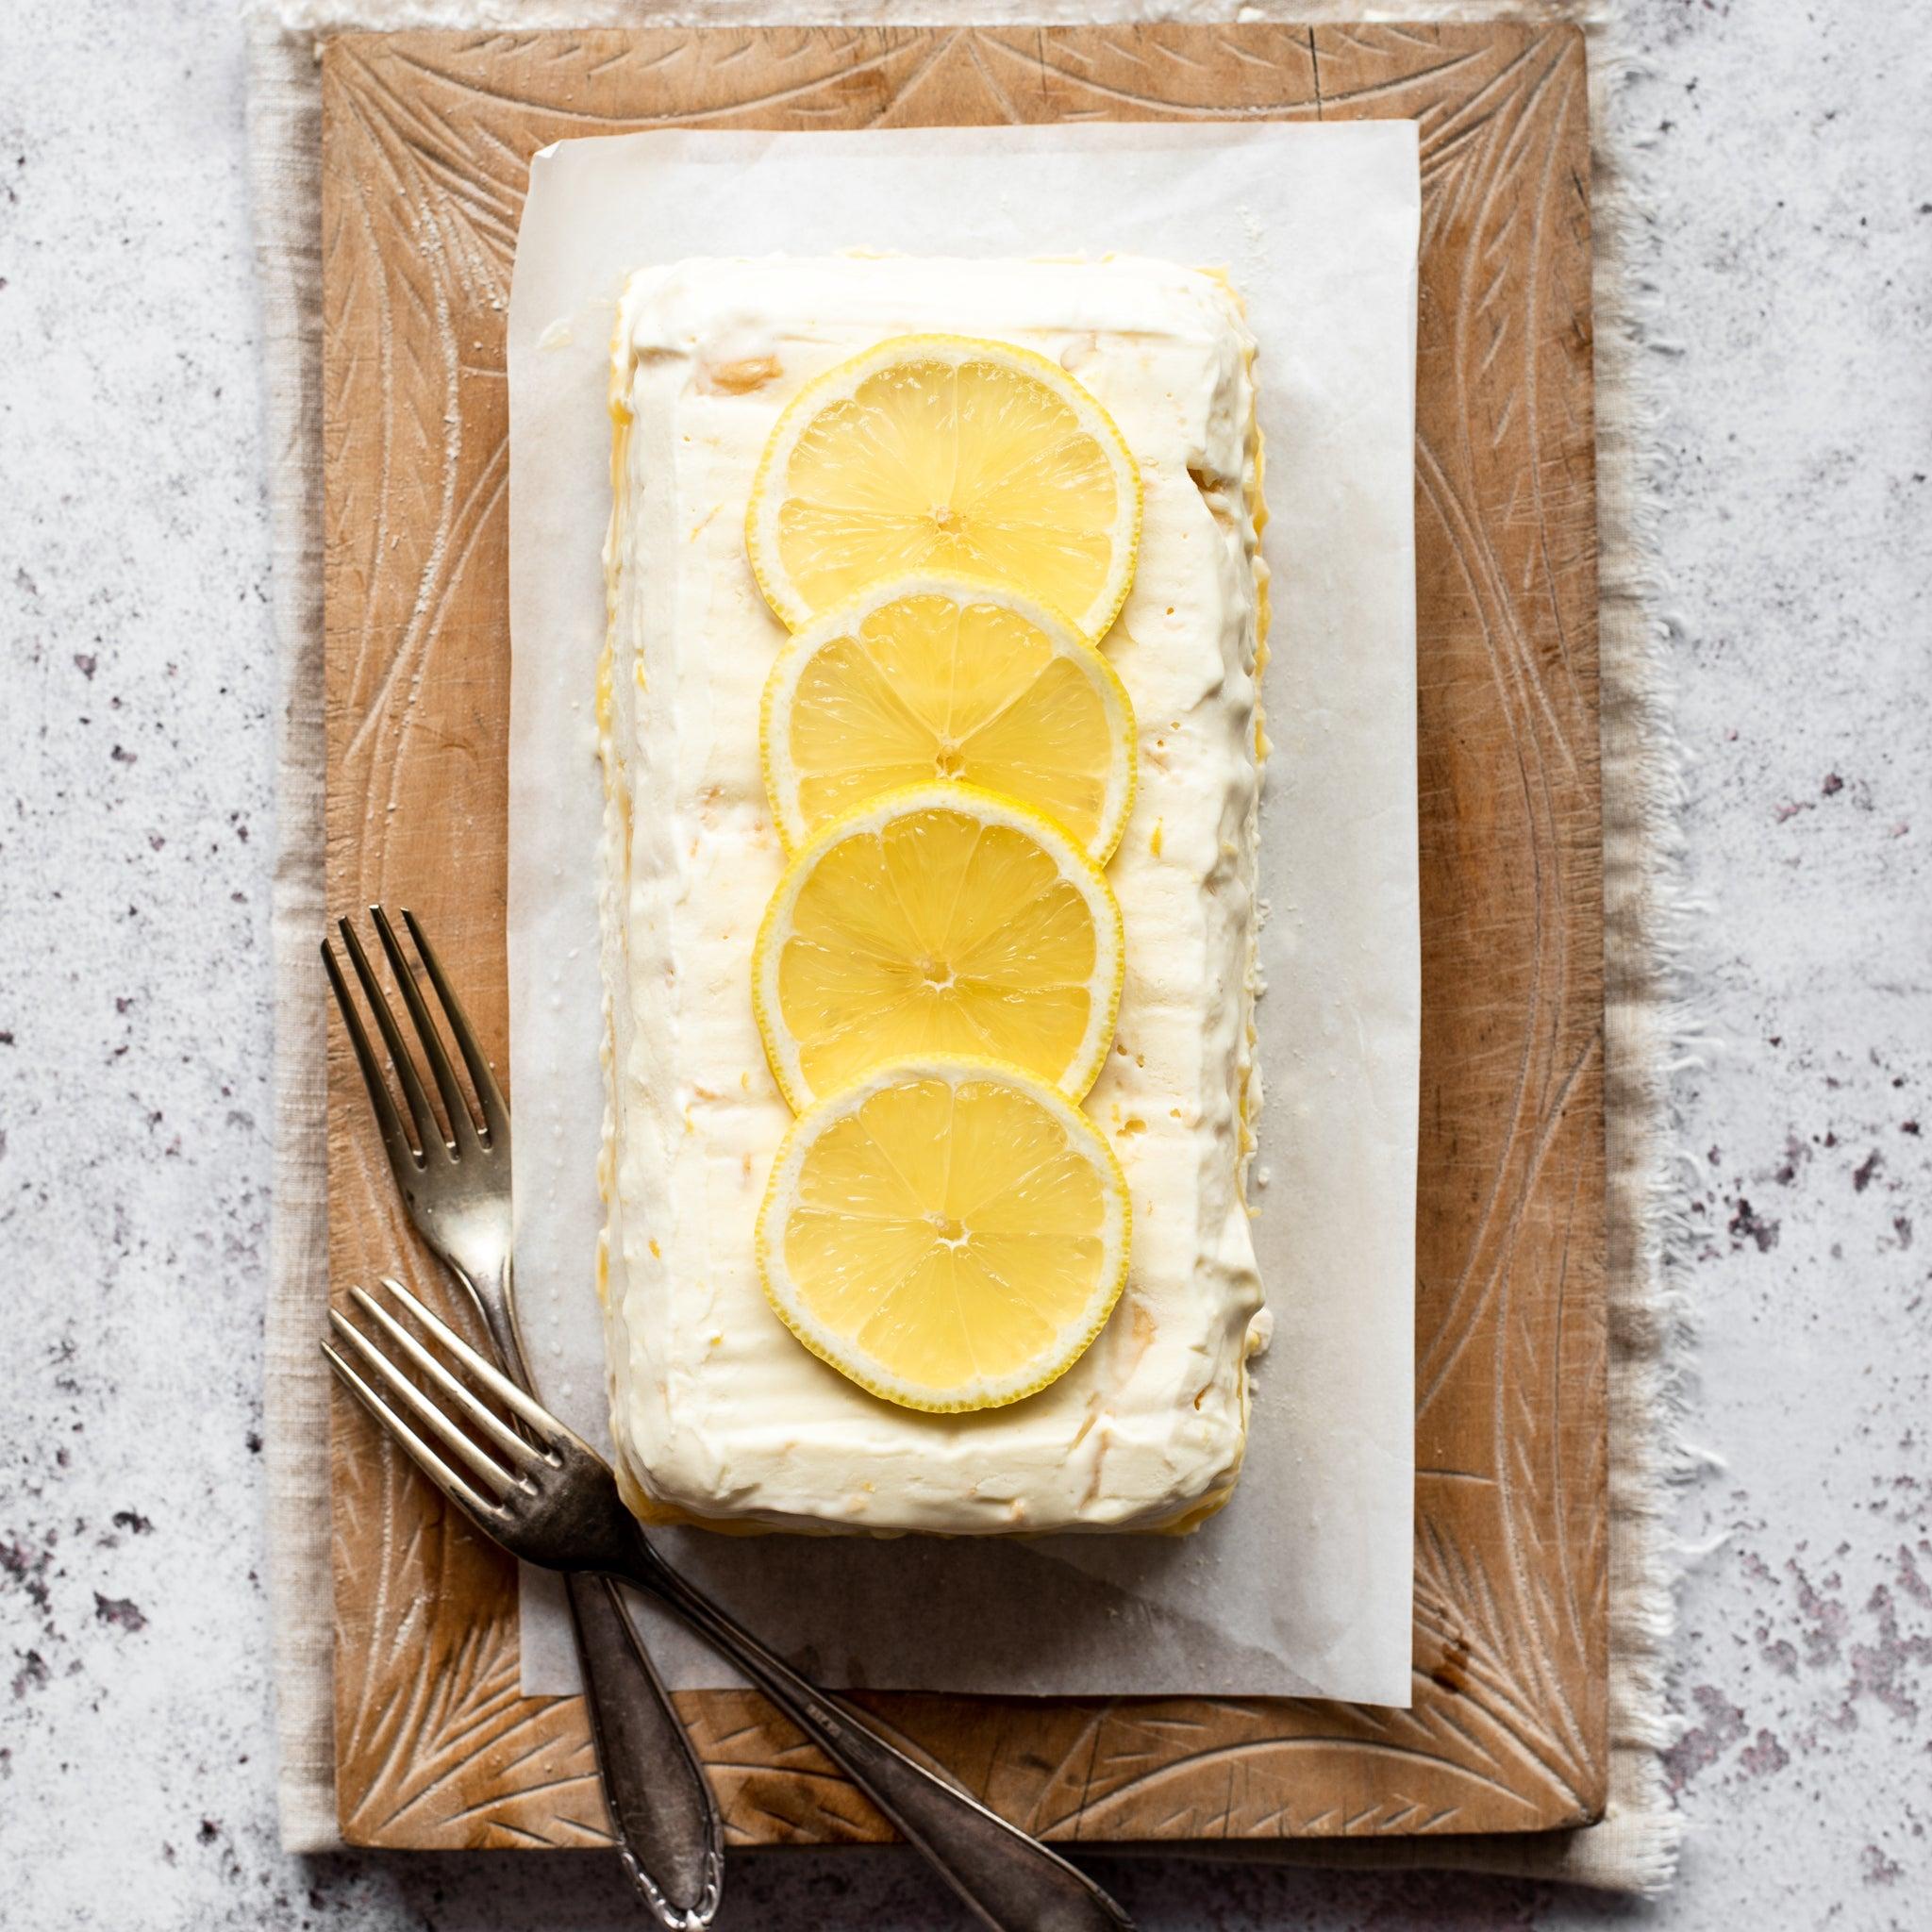 Lemon-Meringue-Ice-Cream-SQUARE-6.jpg